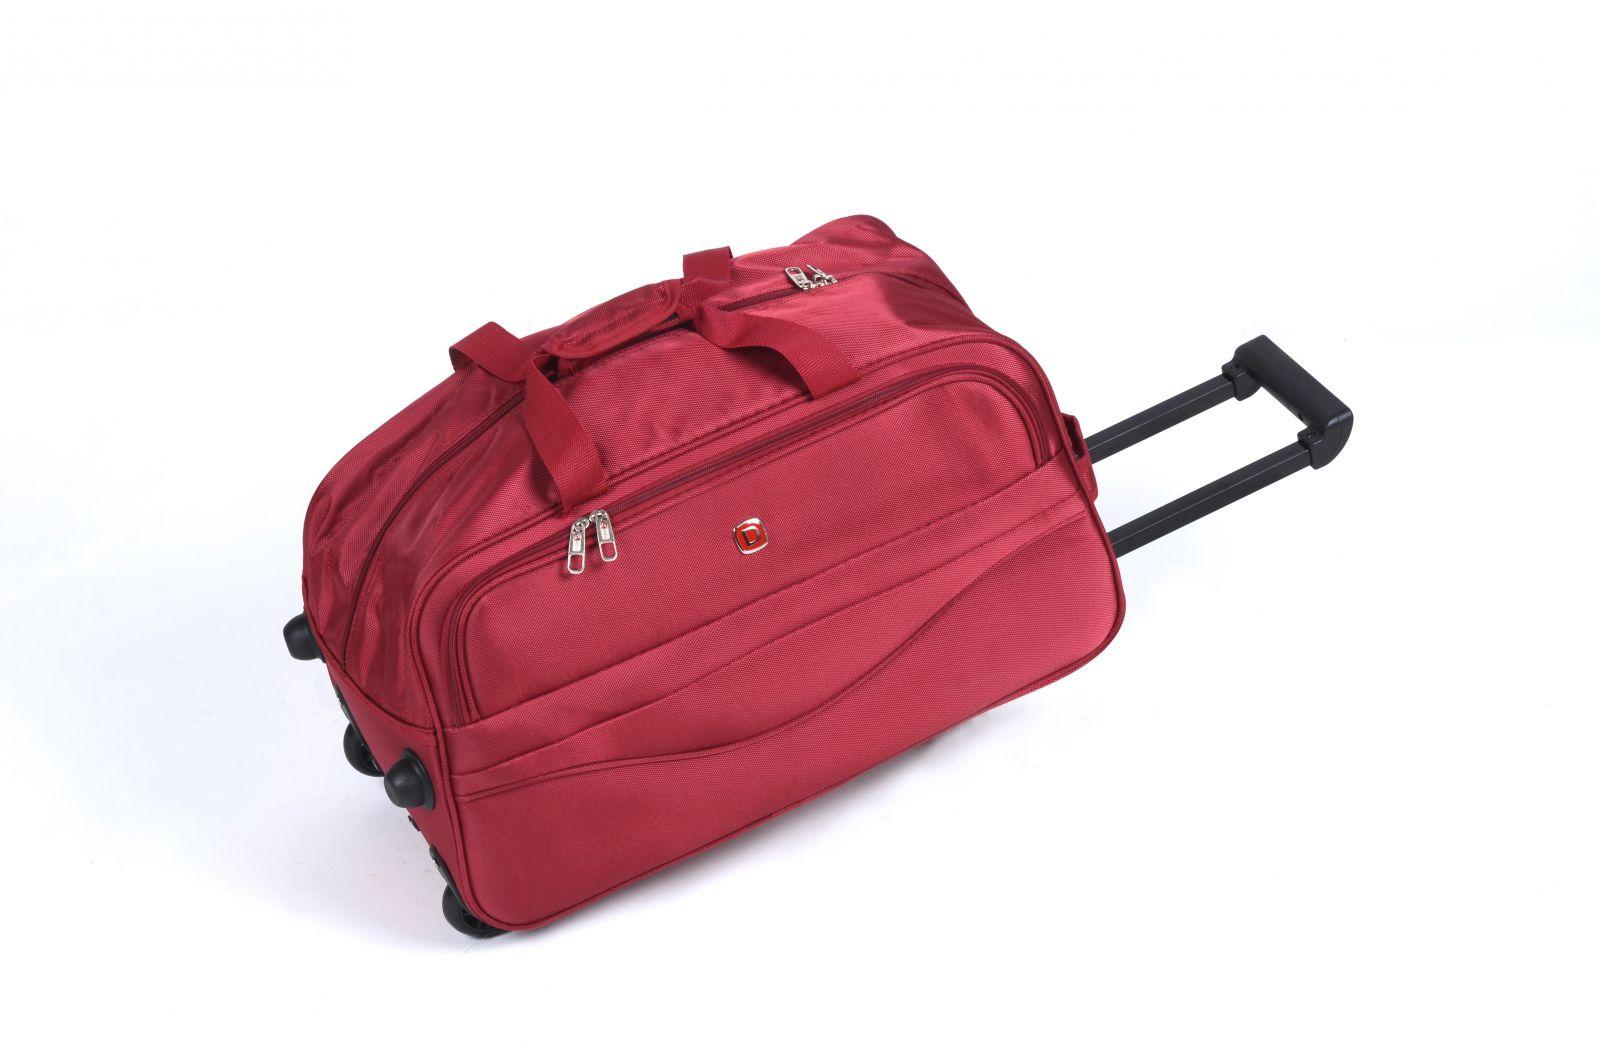 Cestovní taška na kolečkách GLORY střední červená E-batoh